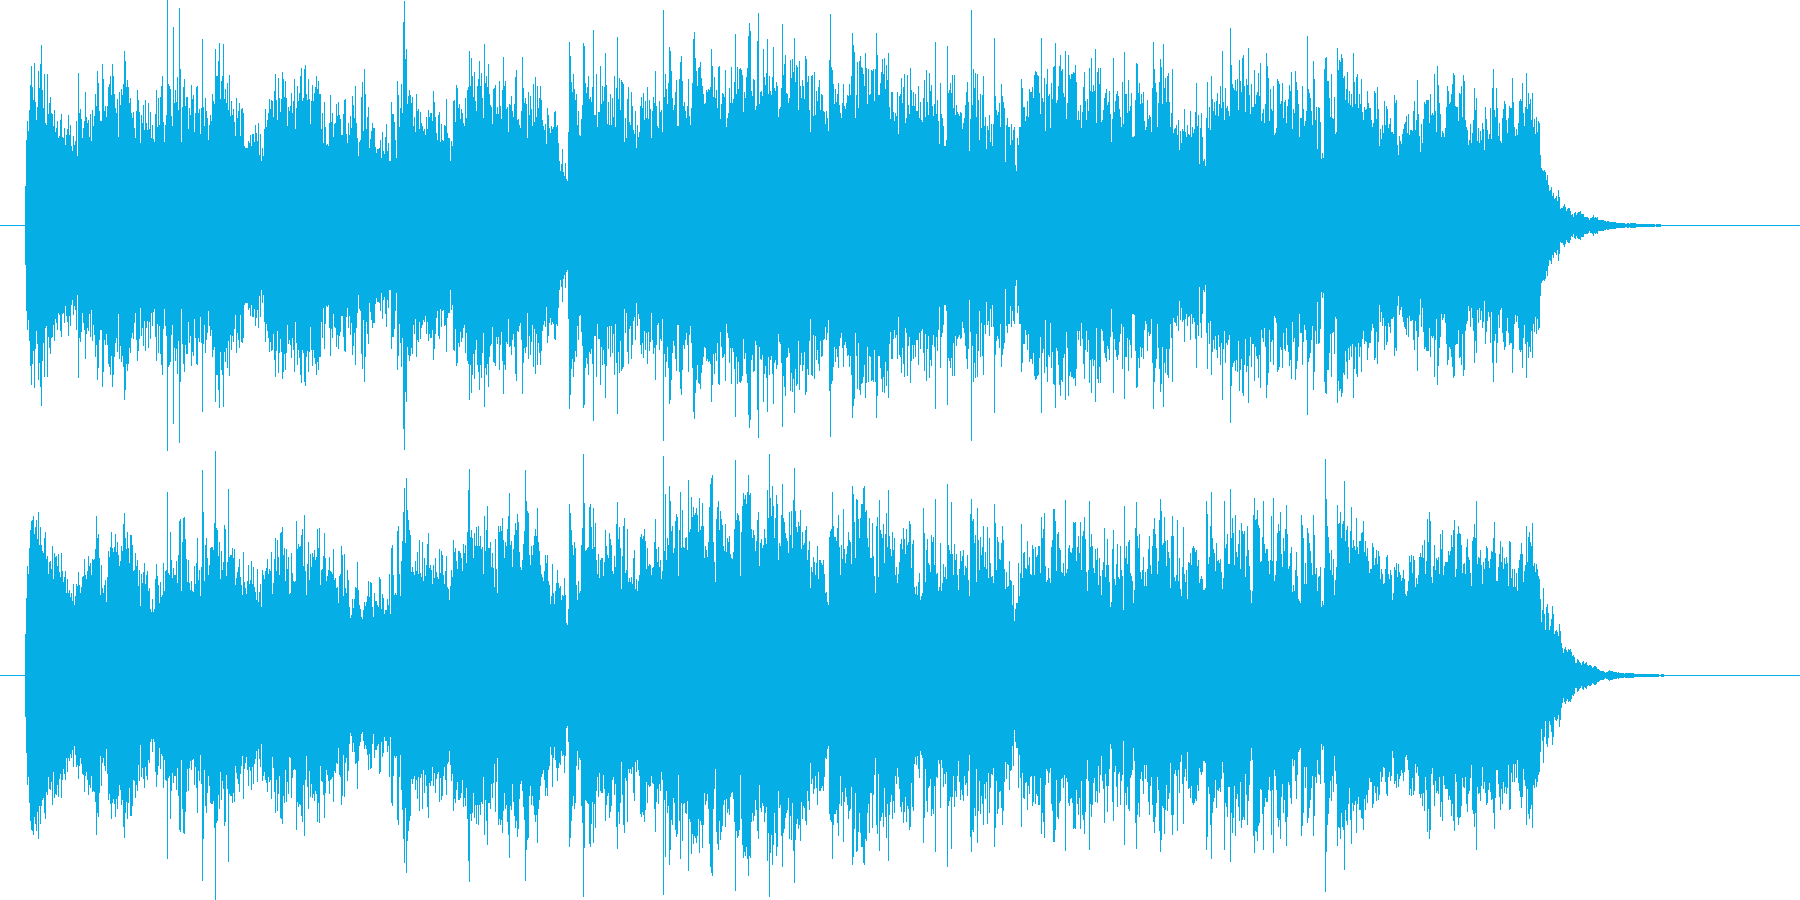 激しいピアノとシンセが印象的なジングルの再生済みの波形